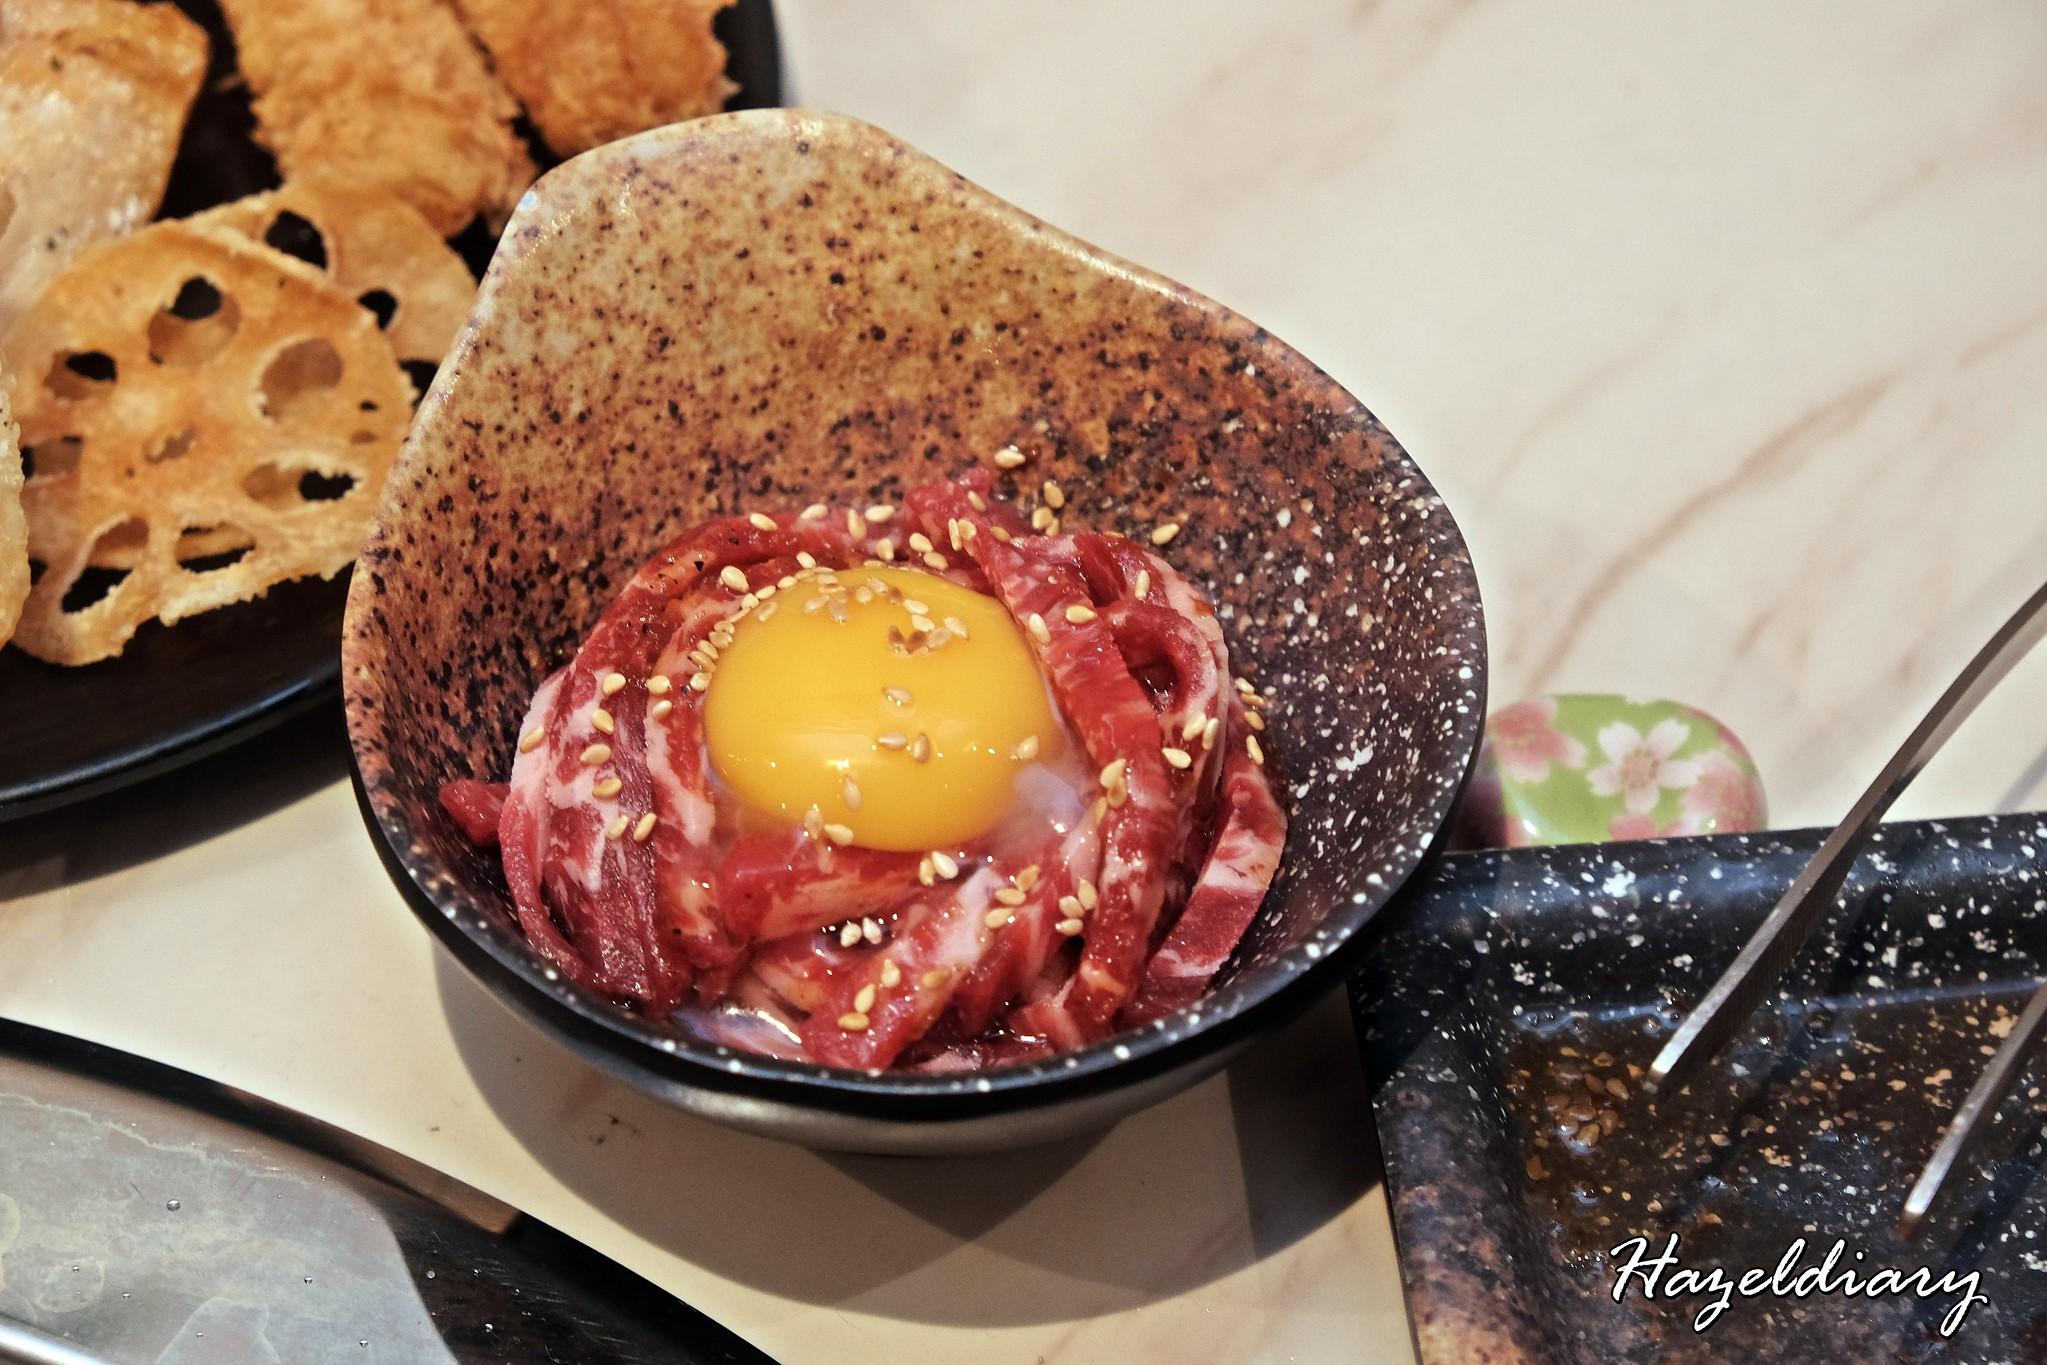 Tenkaichi Japanese BBQ Restaurant-Wagyu Beef Yukke